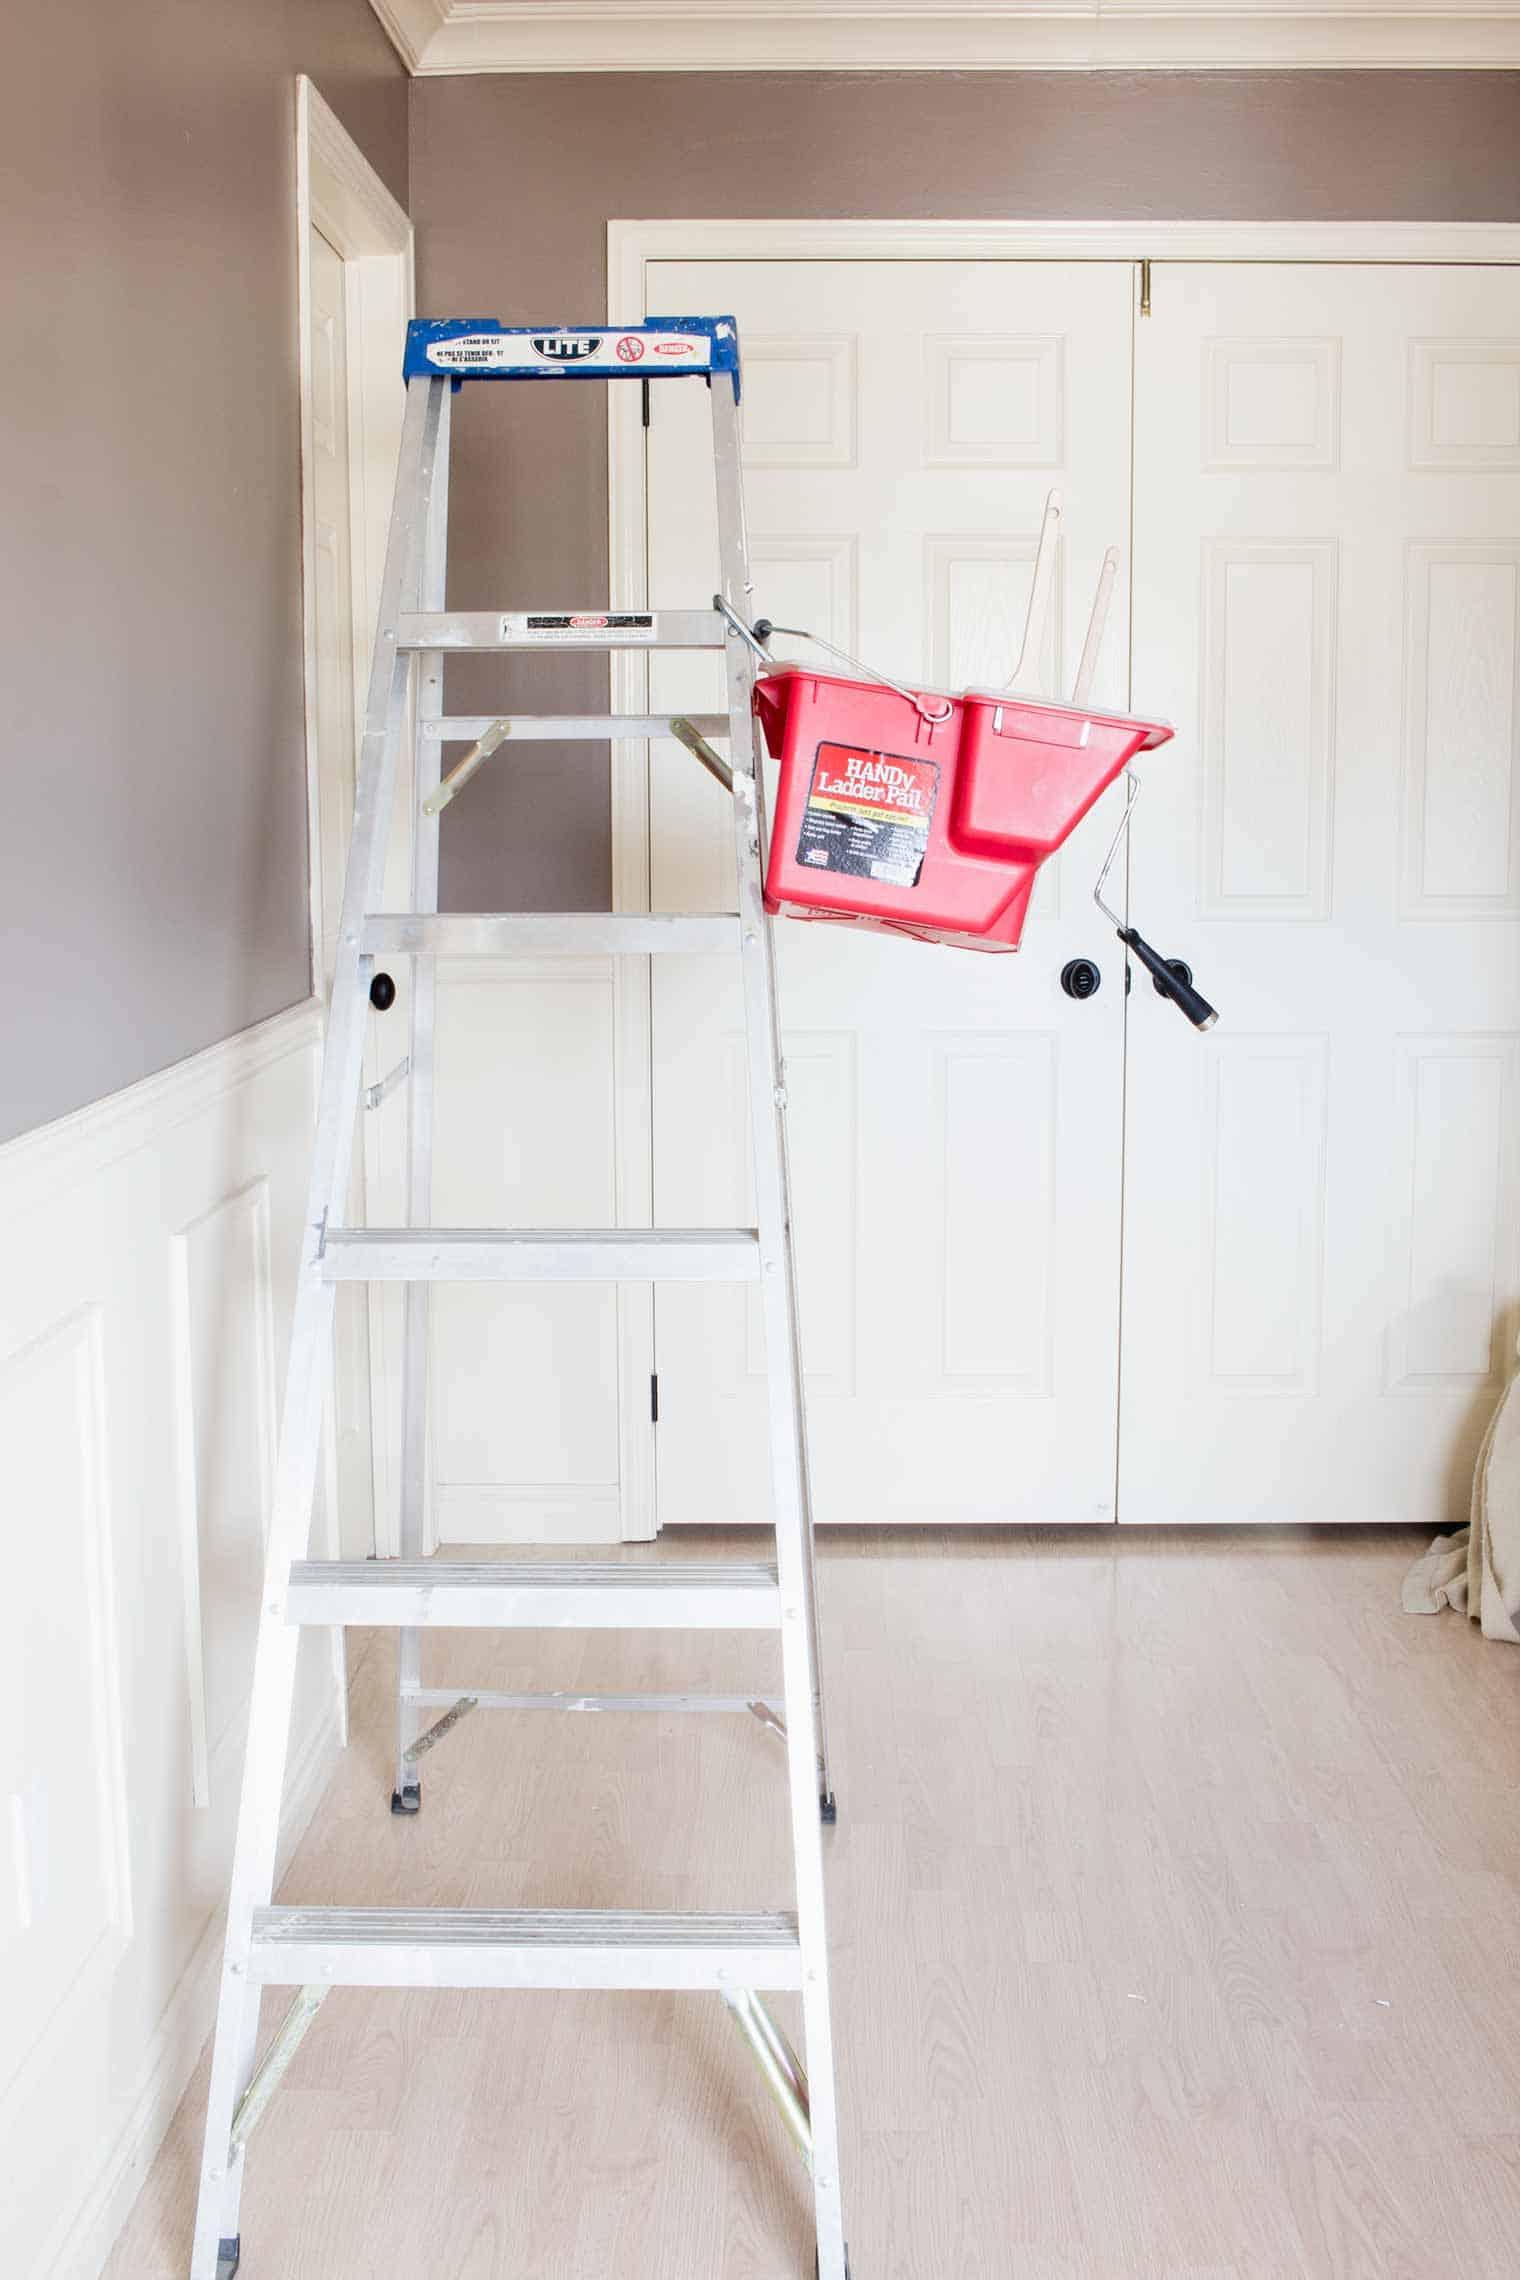 HANDy Paint Ladder Pail!